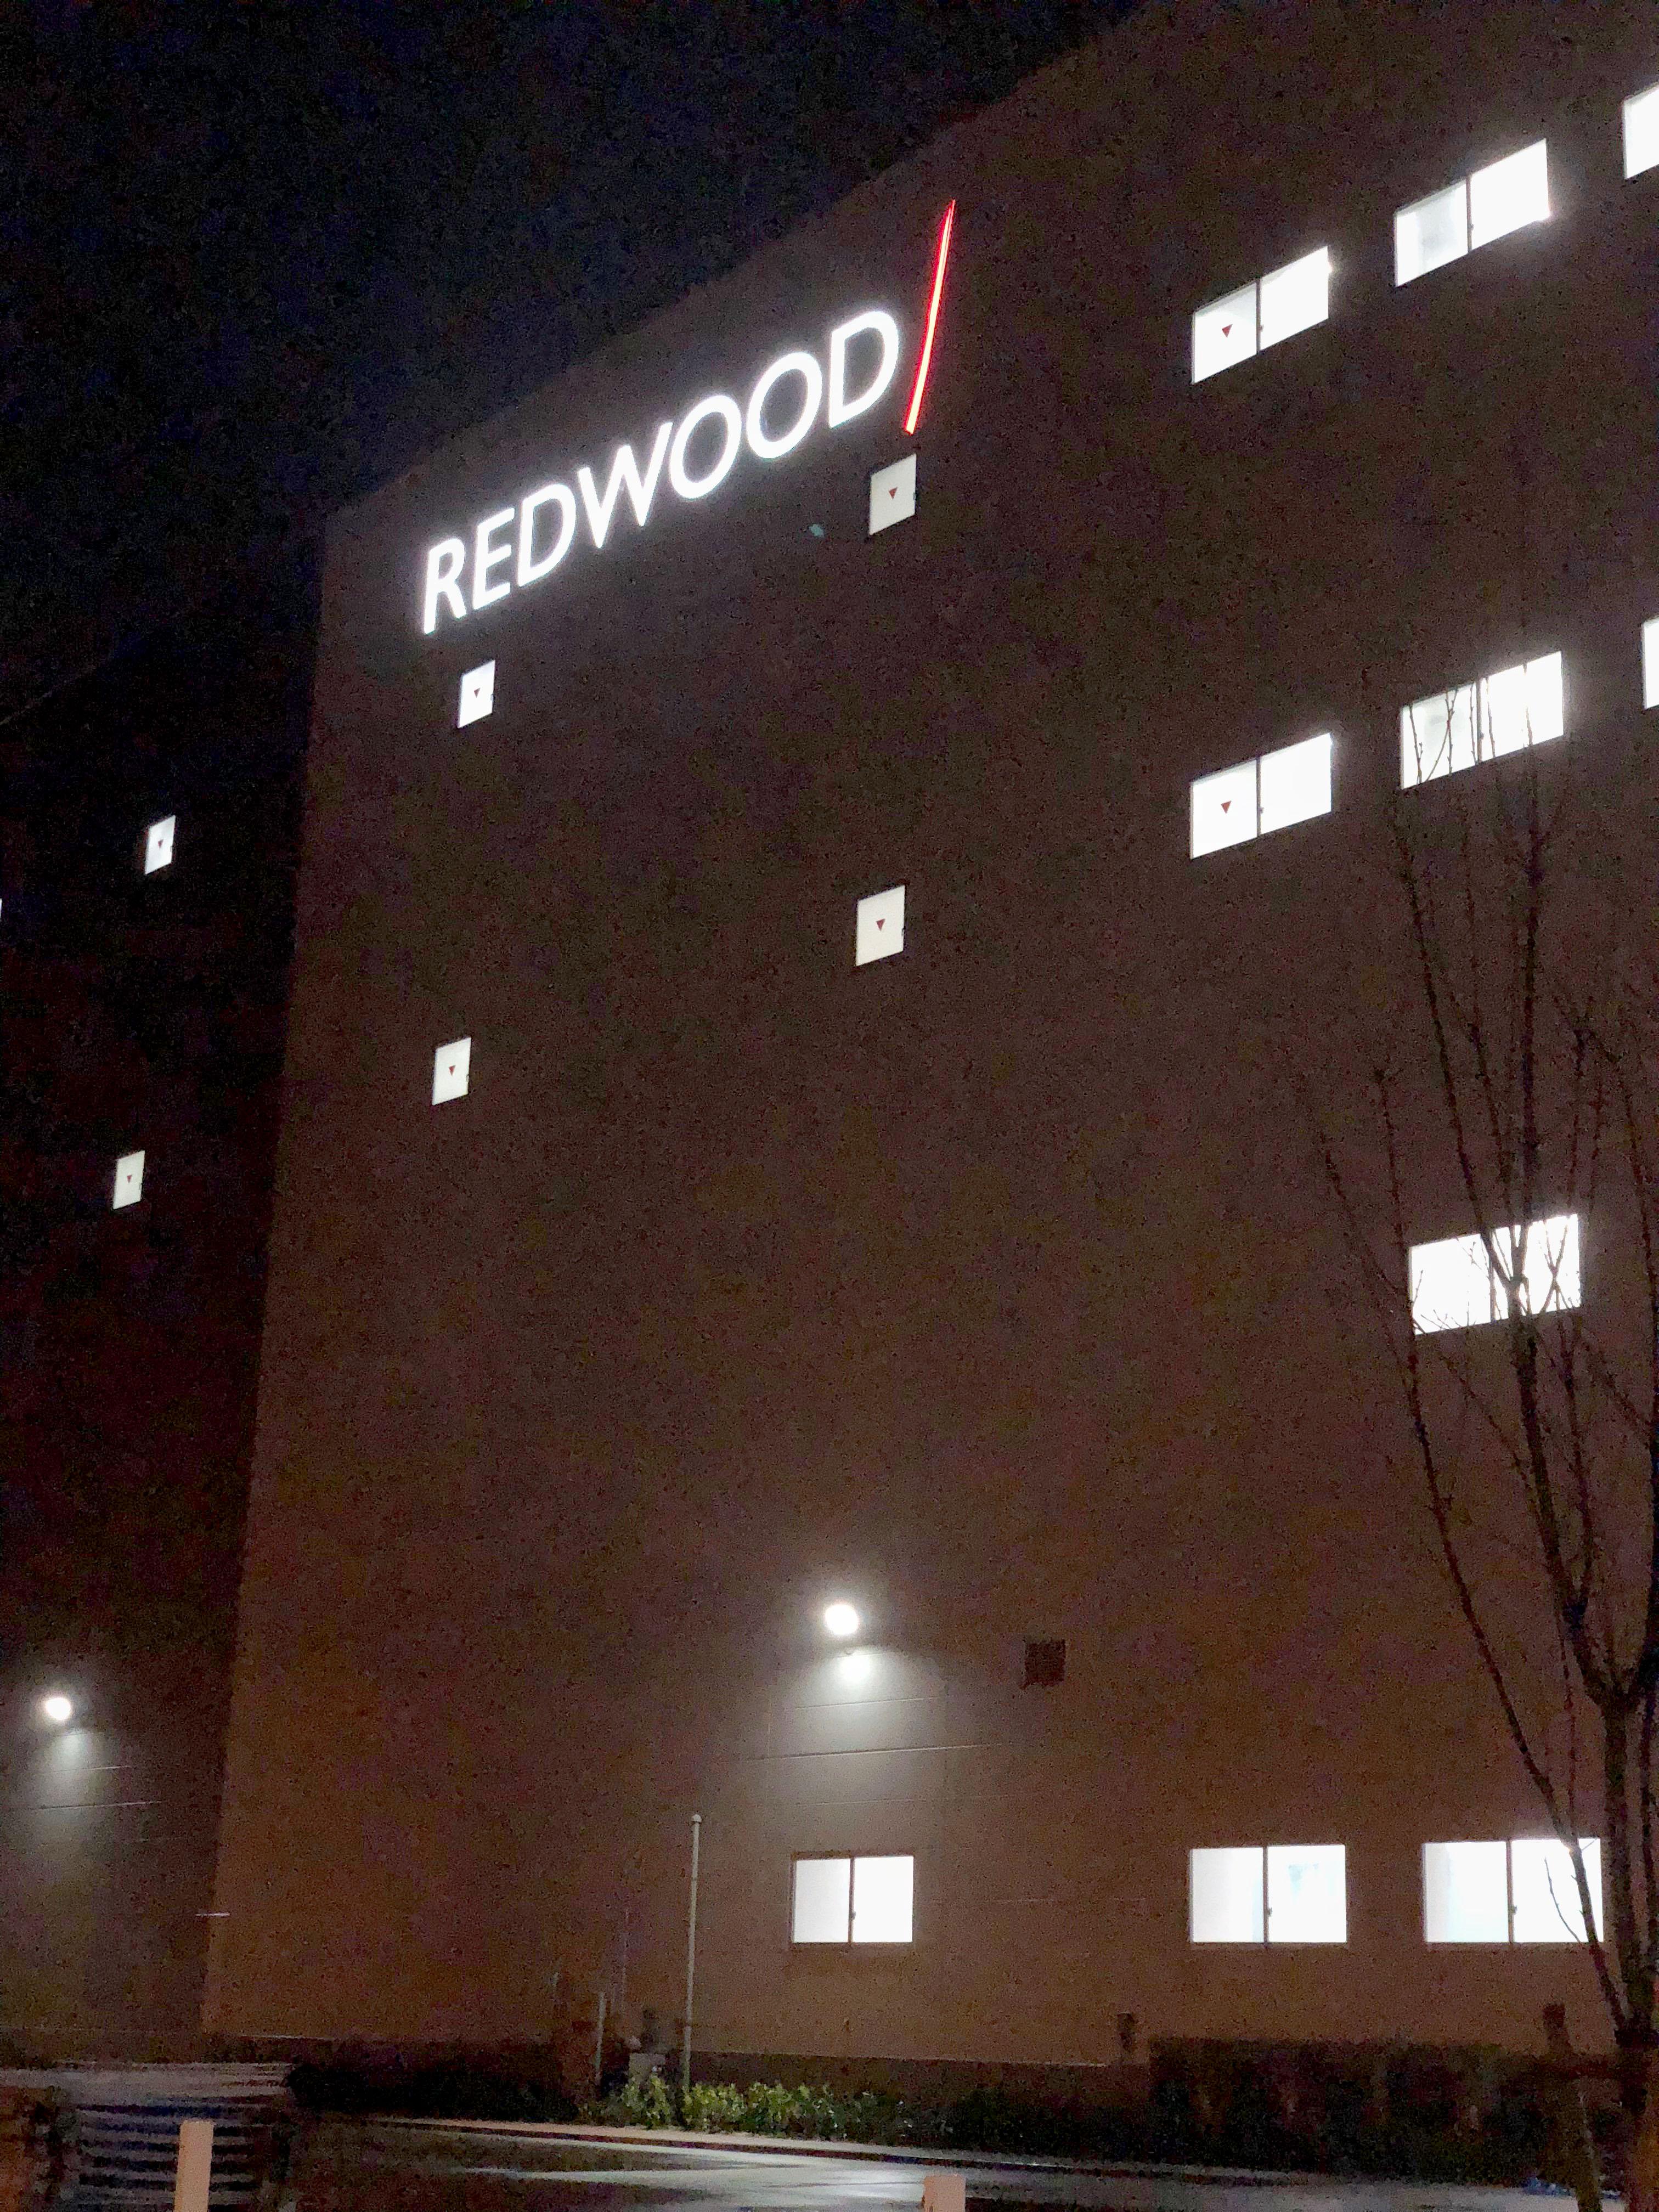 REDWOOD LEDサインのアイキャッチ